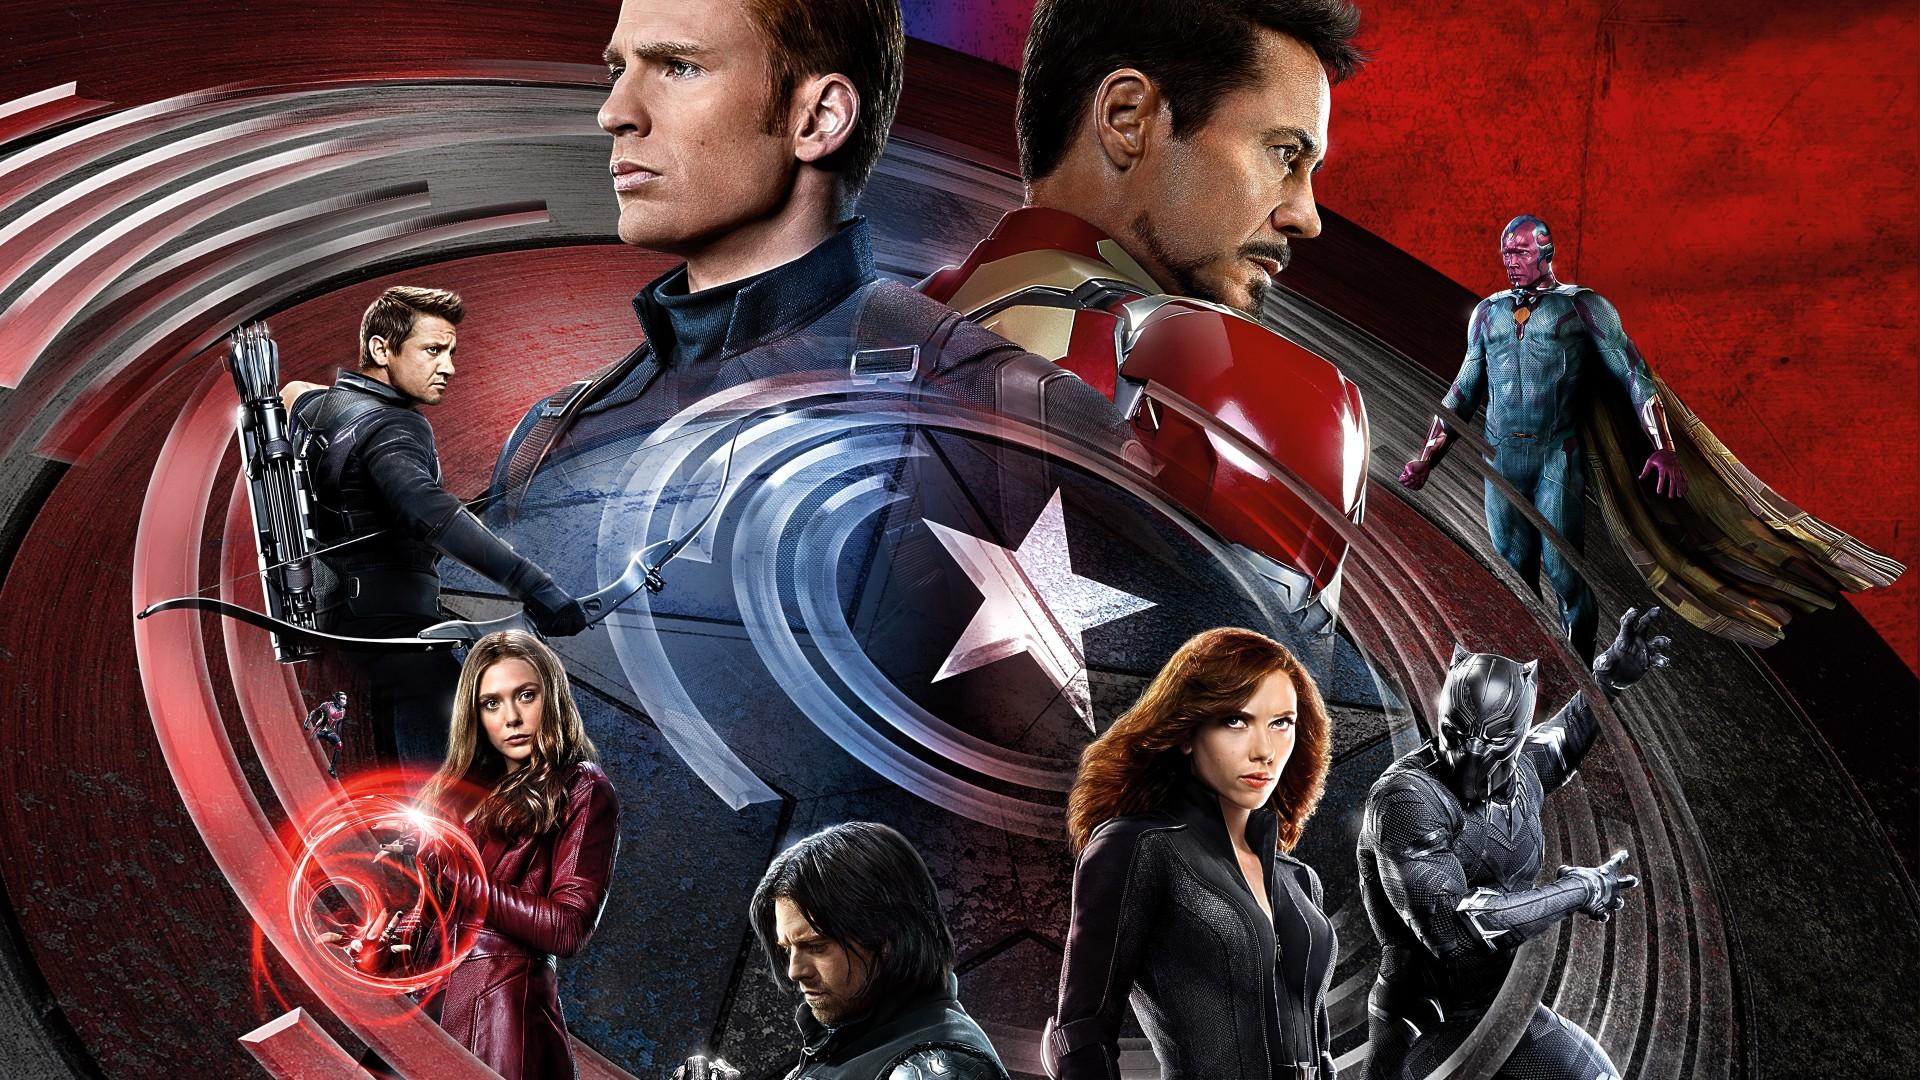 Iphone 6 Plus Wallpaper Cute Civil War Captain America Iron Man Wallpapers Hd